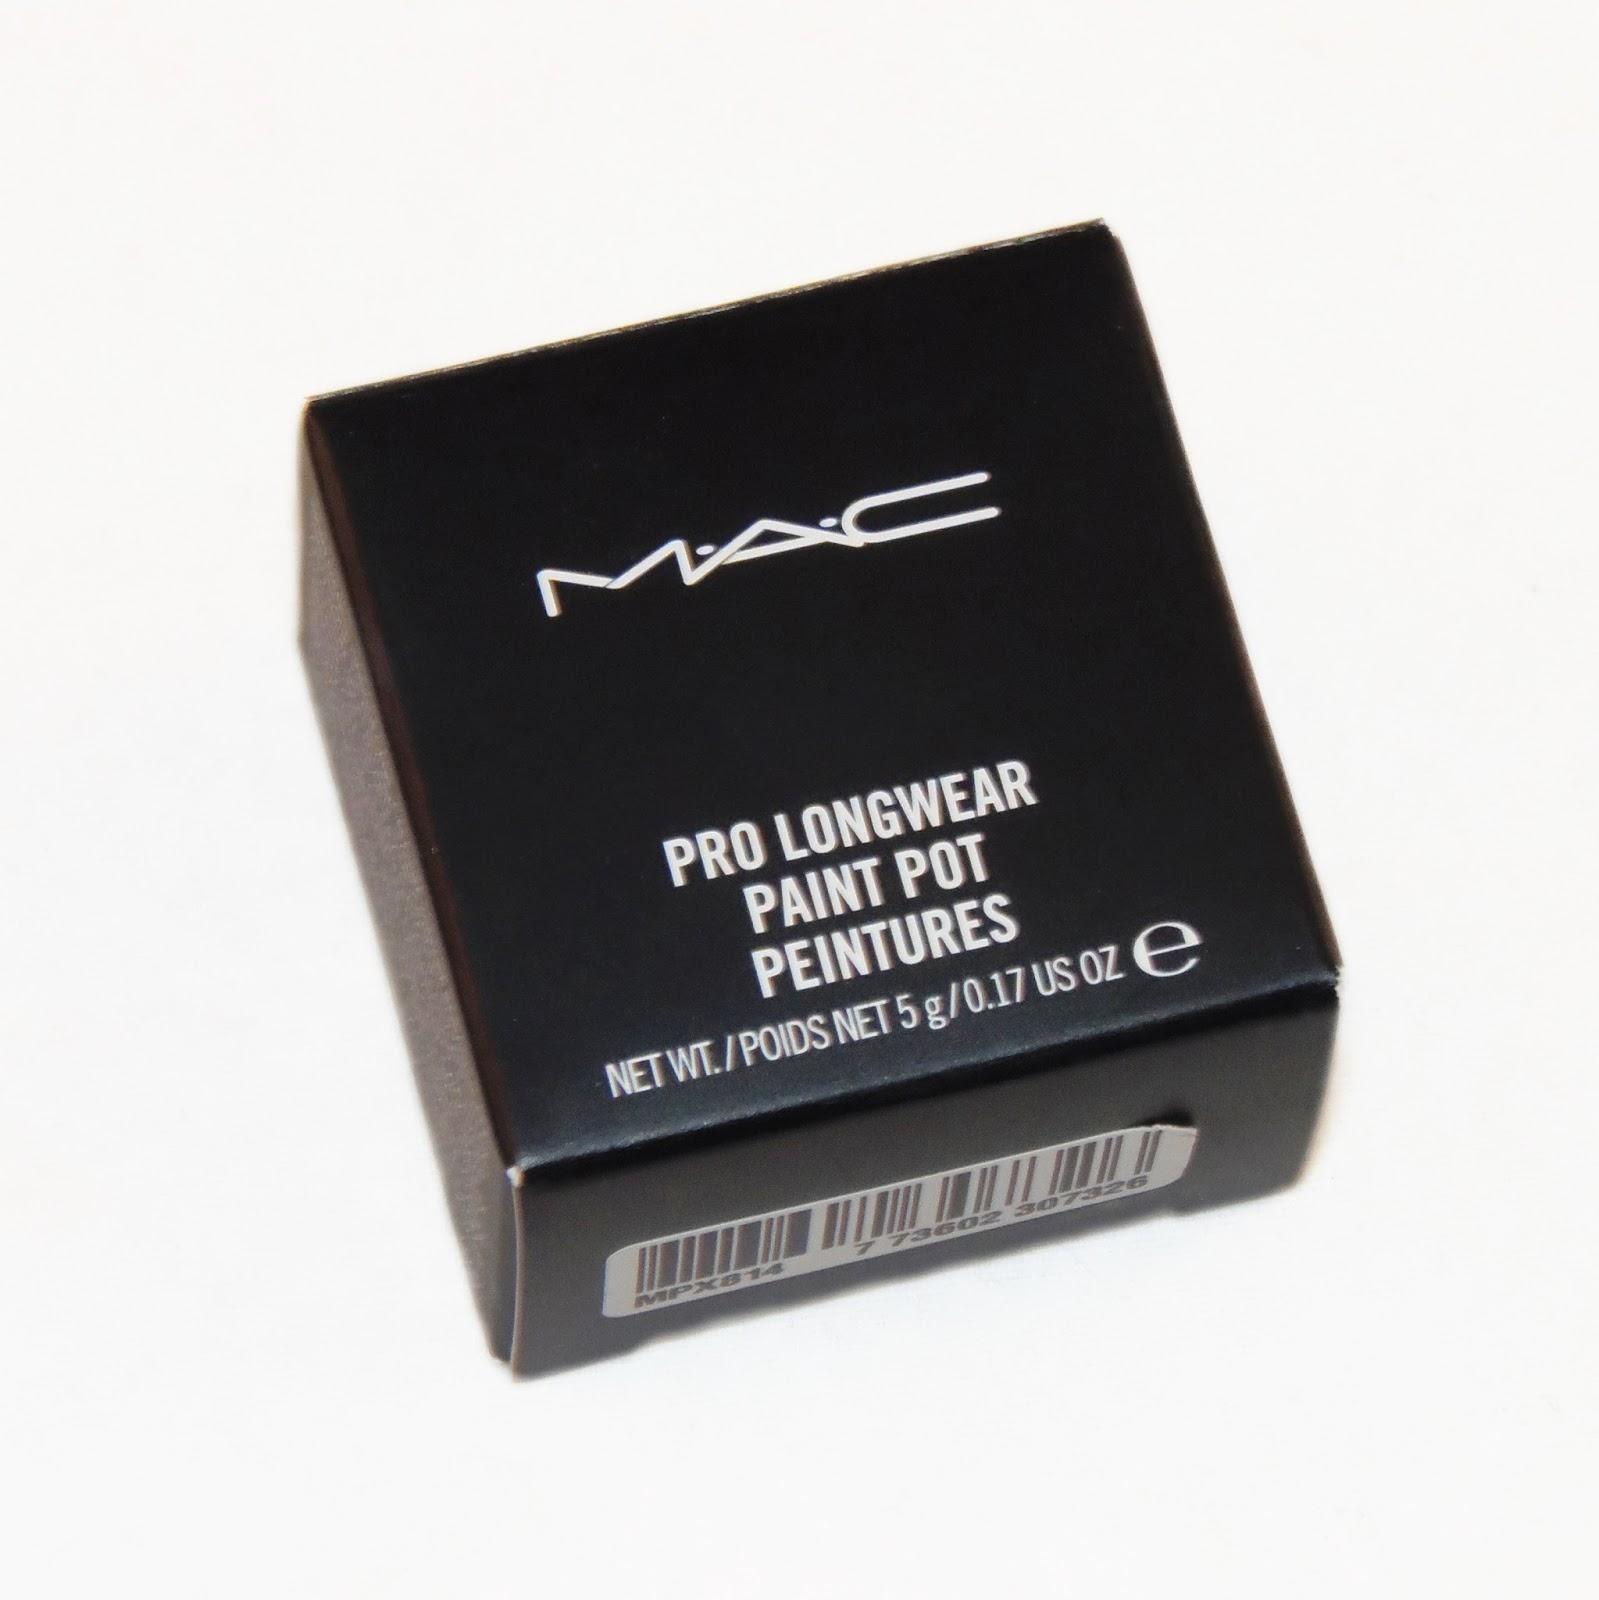 Mac pro longwear paint pot in painterly review rebecca for Mac pro longwear paint pot painterly